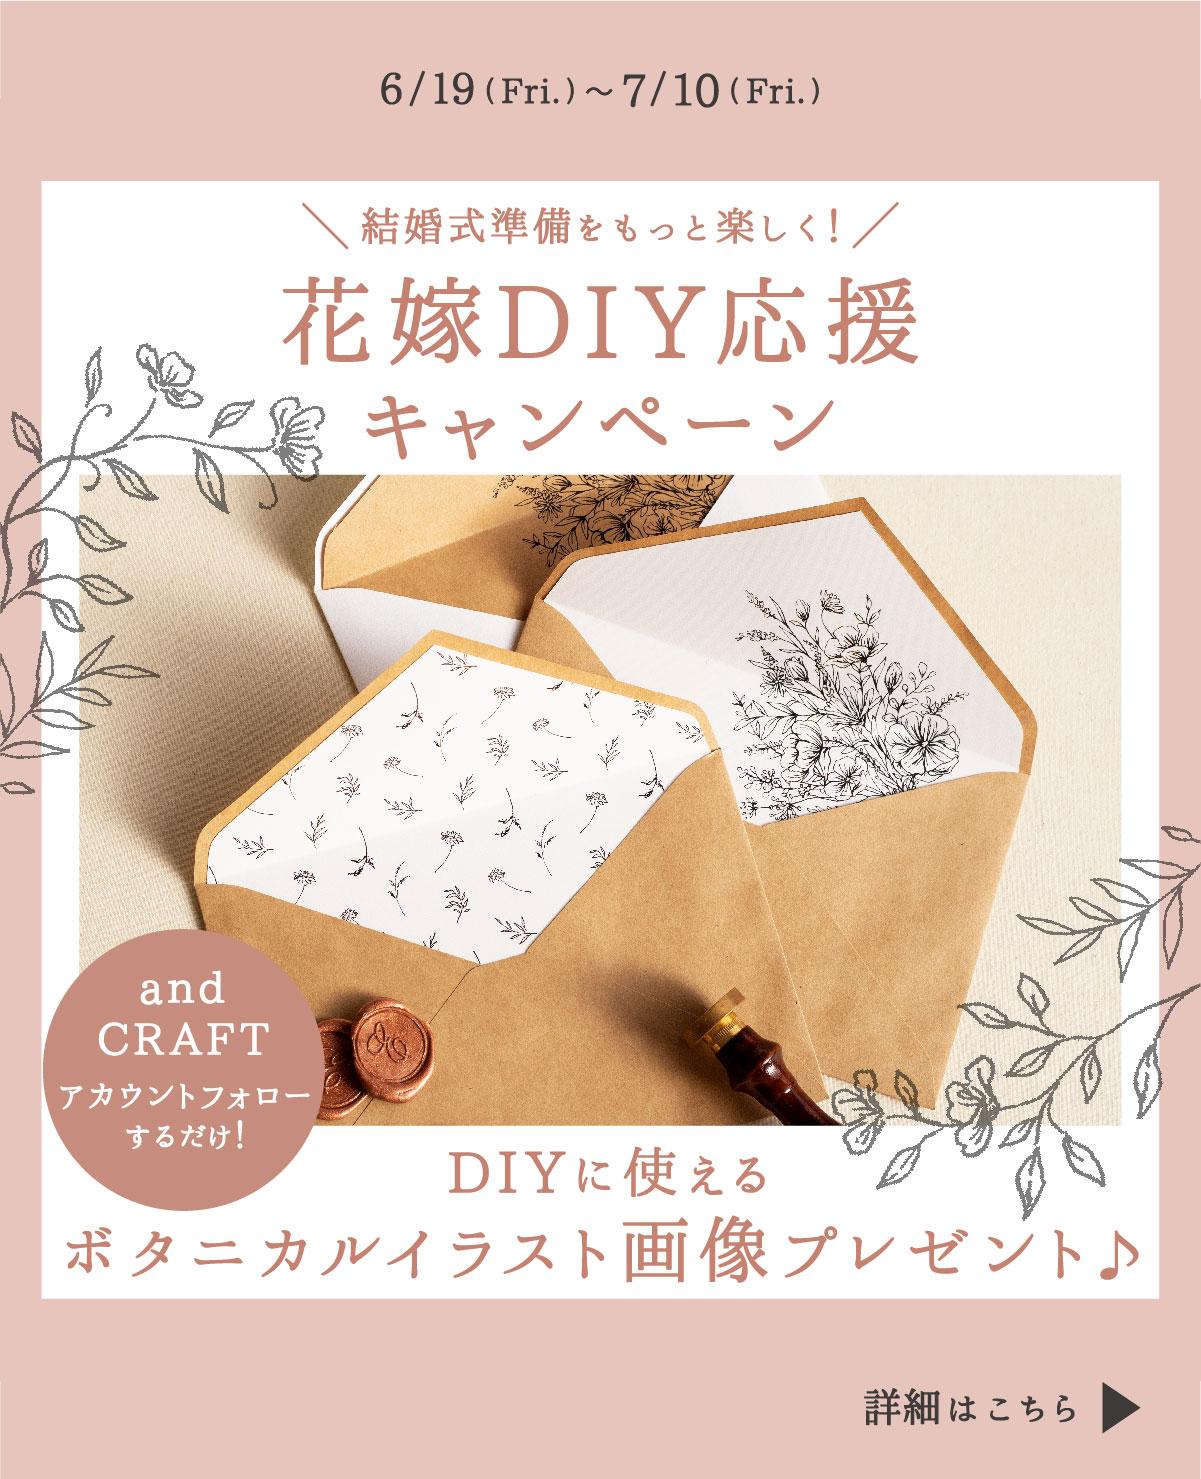 【インスタキャンペーン】アカウントフォローで花嫁DIYに使えるボタニカルイラスト画像をプレゼント!